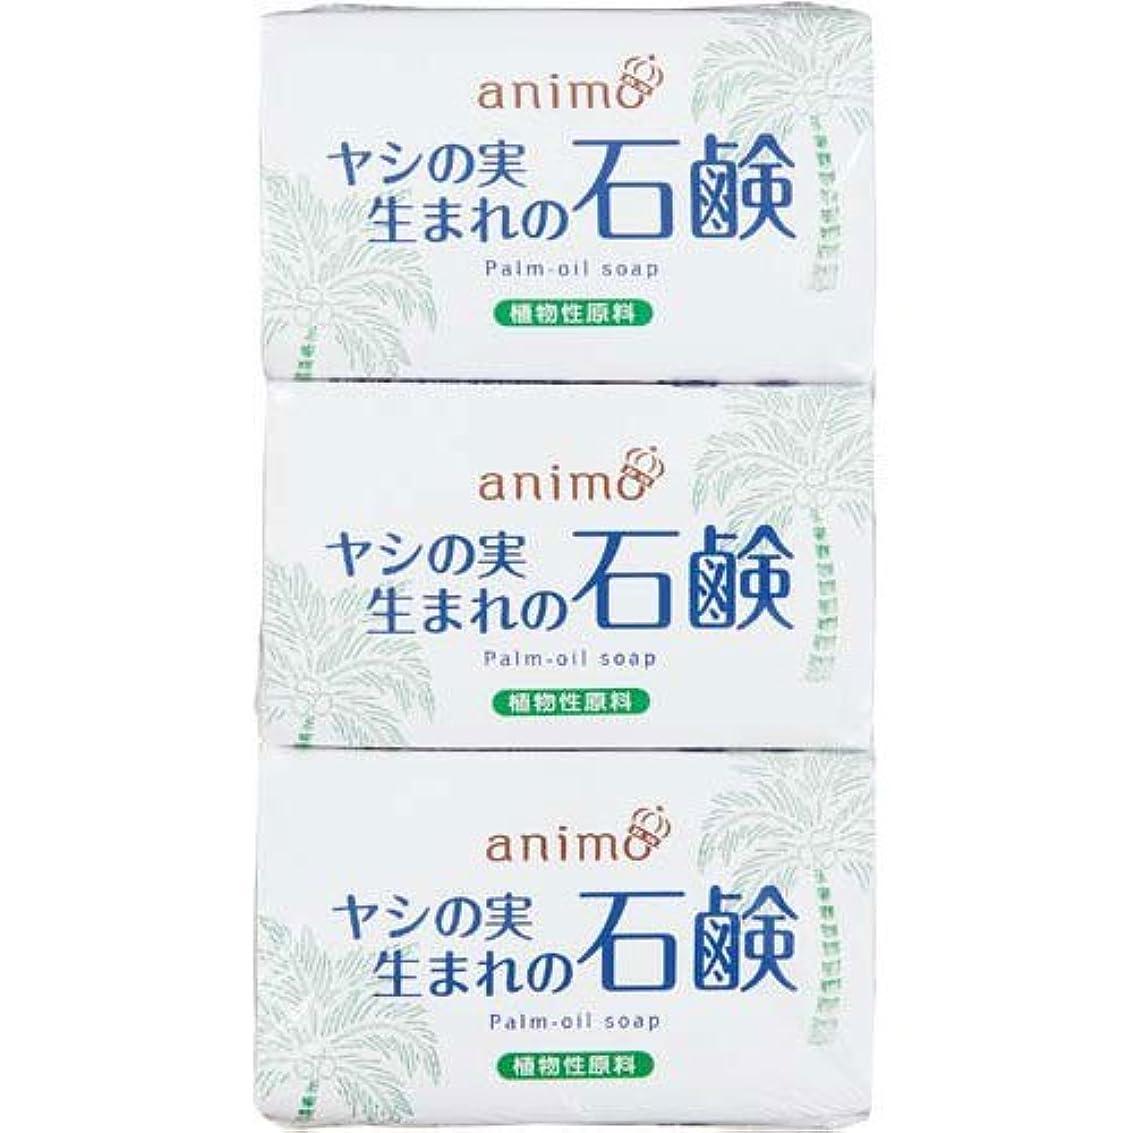 指紋エアコン忠実ロケット石鹸 ヤシの実石鹸 80g×3個×5パック